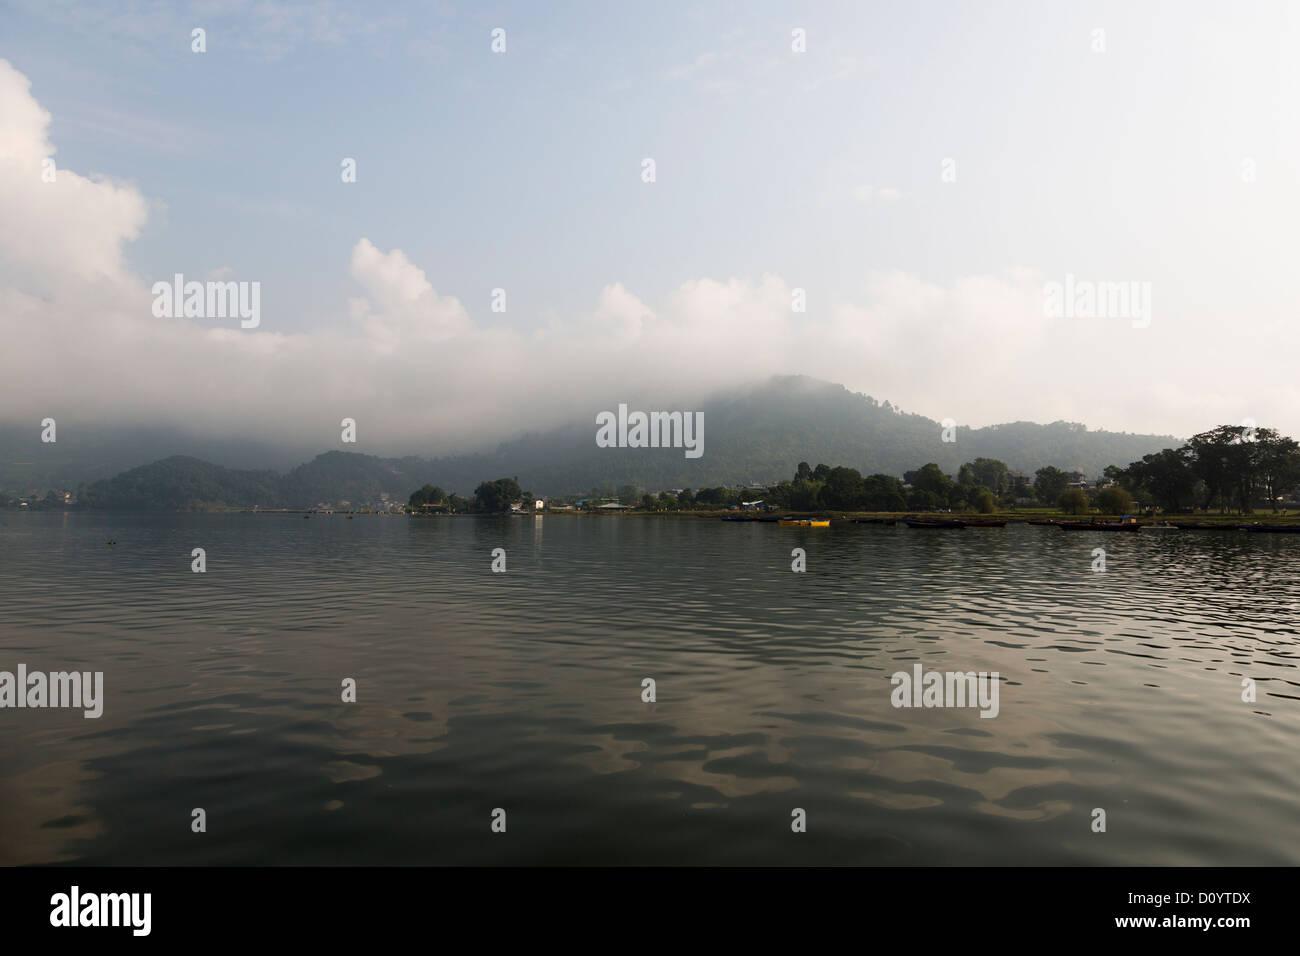 Phewa lake in Pokhara, Nepal - Stock Image